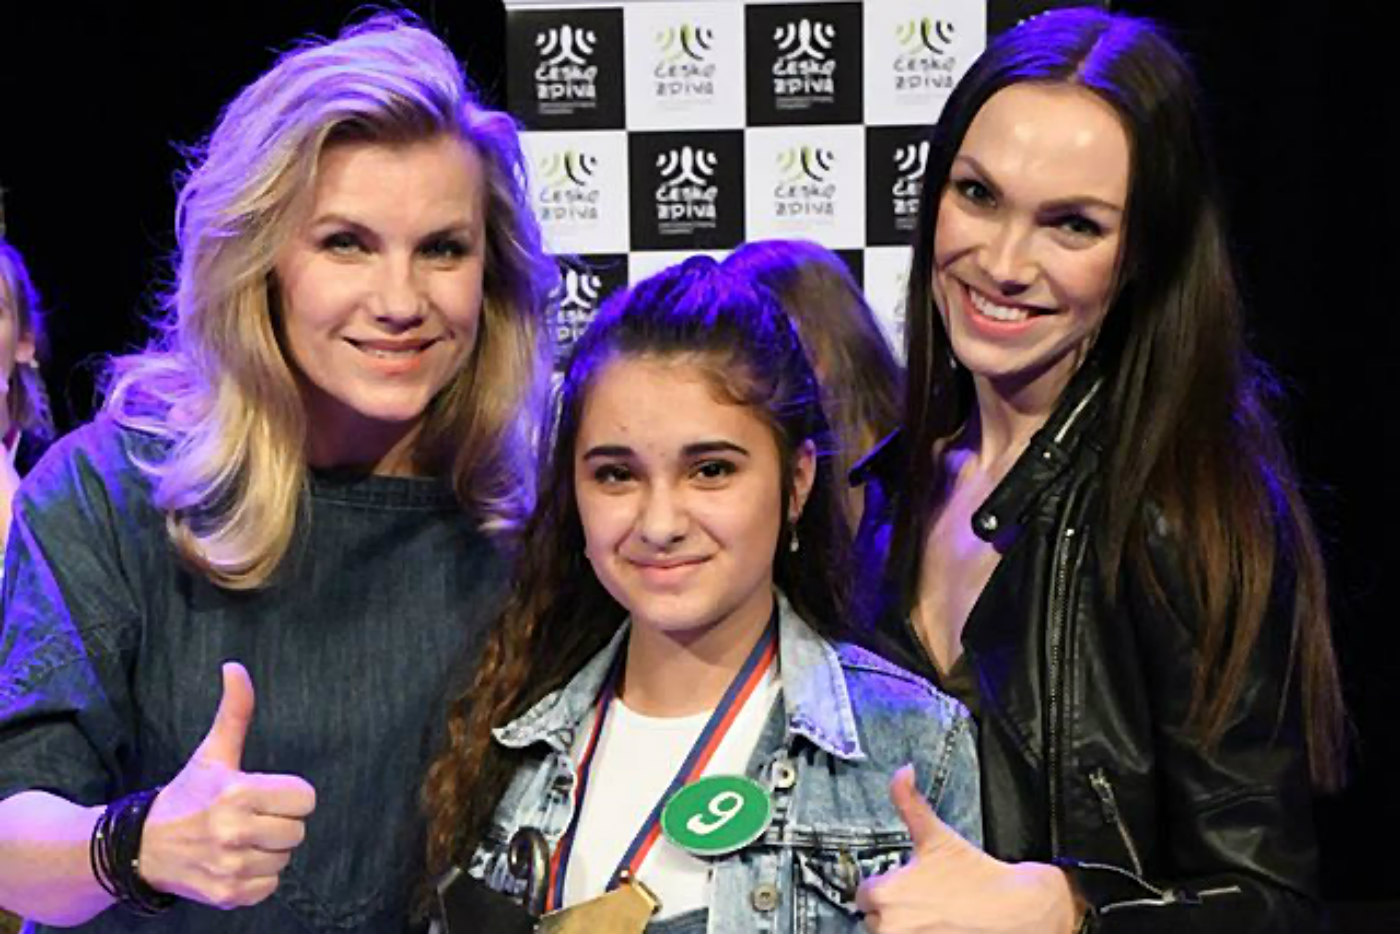 Leona Machálková, Adéla Giňová a Kamila Nývltová (zleva) po vyhodnocení soutěže.